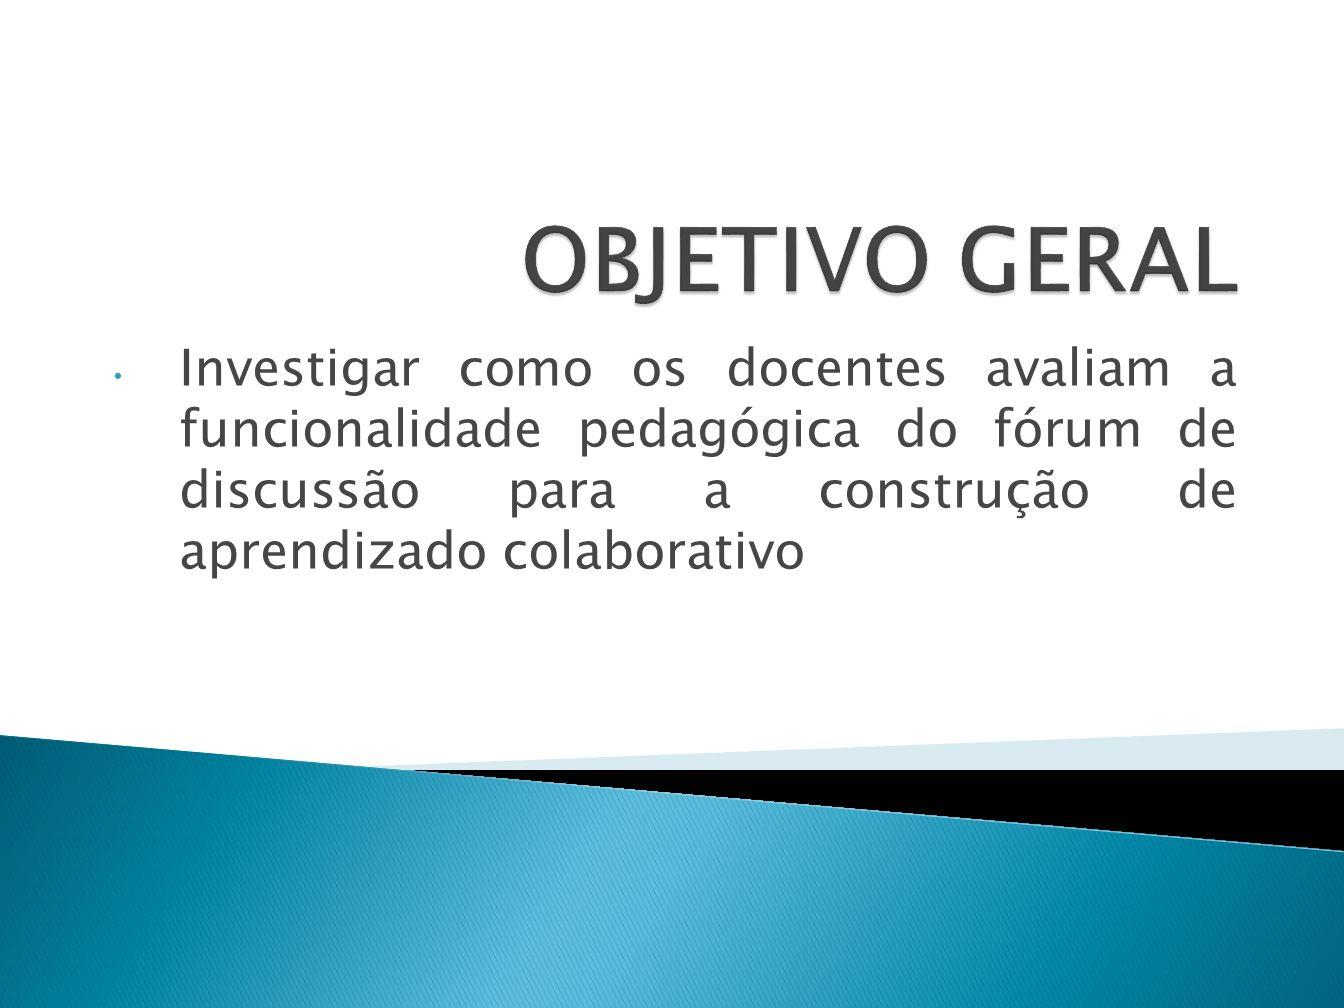 OBJETIVO GERAL Investigar como os docentes avaliam a funcionalidade pedagógica do fórum de discussão para a construção de aprendizado colaborativo.